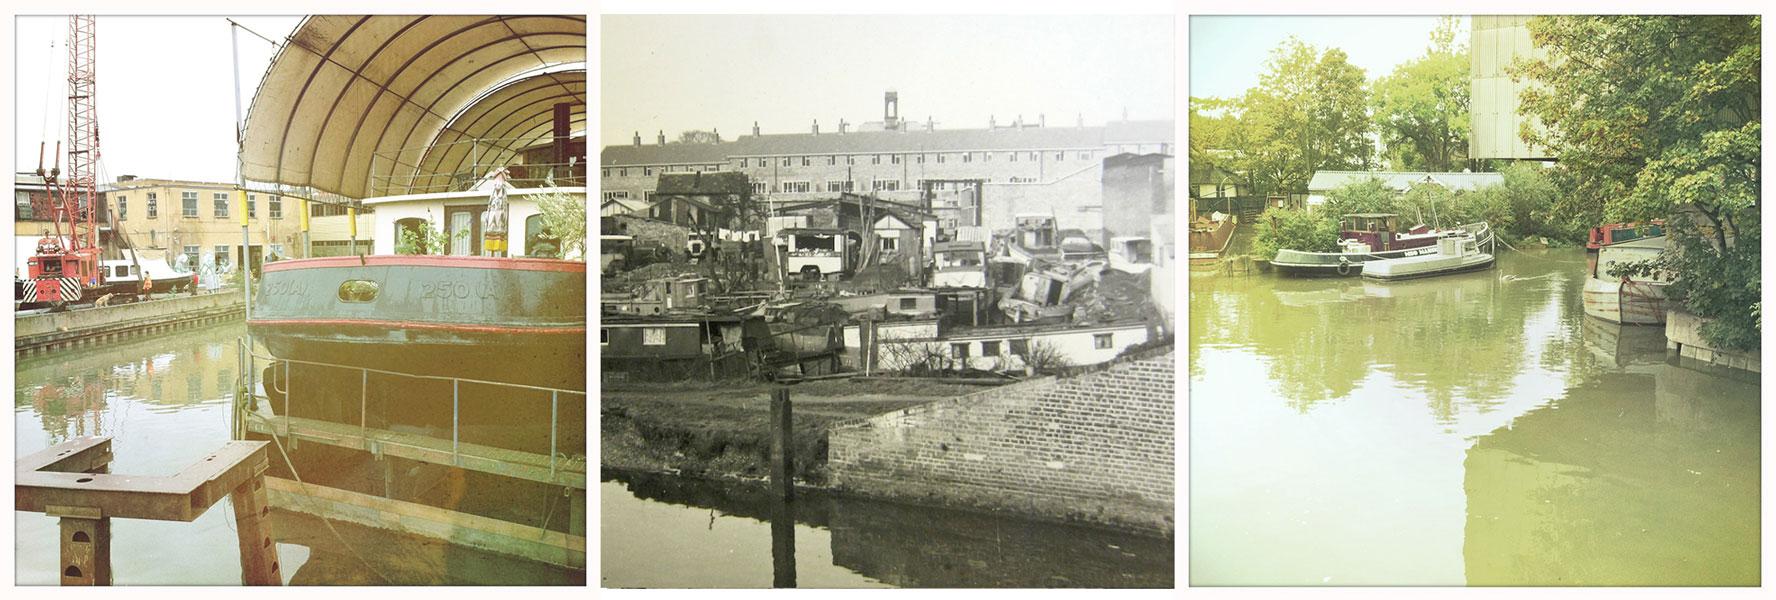 AHMM Brentford Waterside site images.